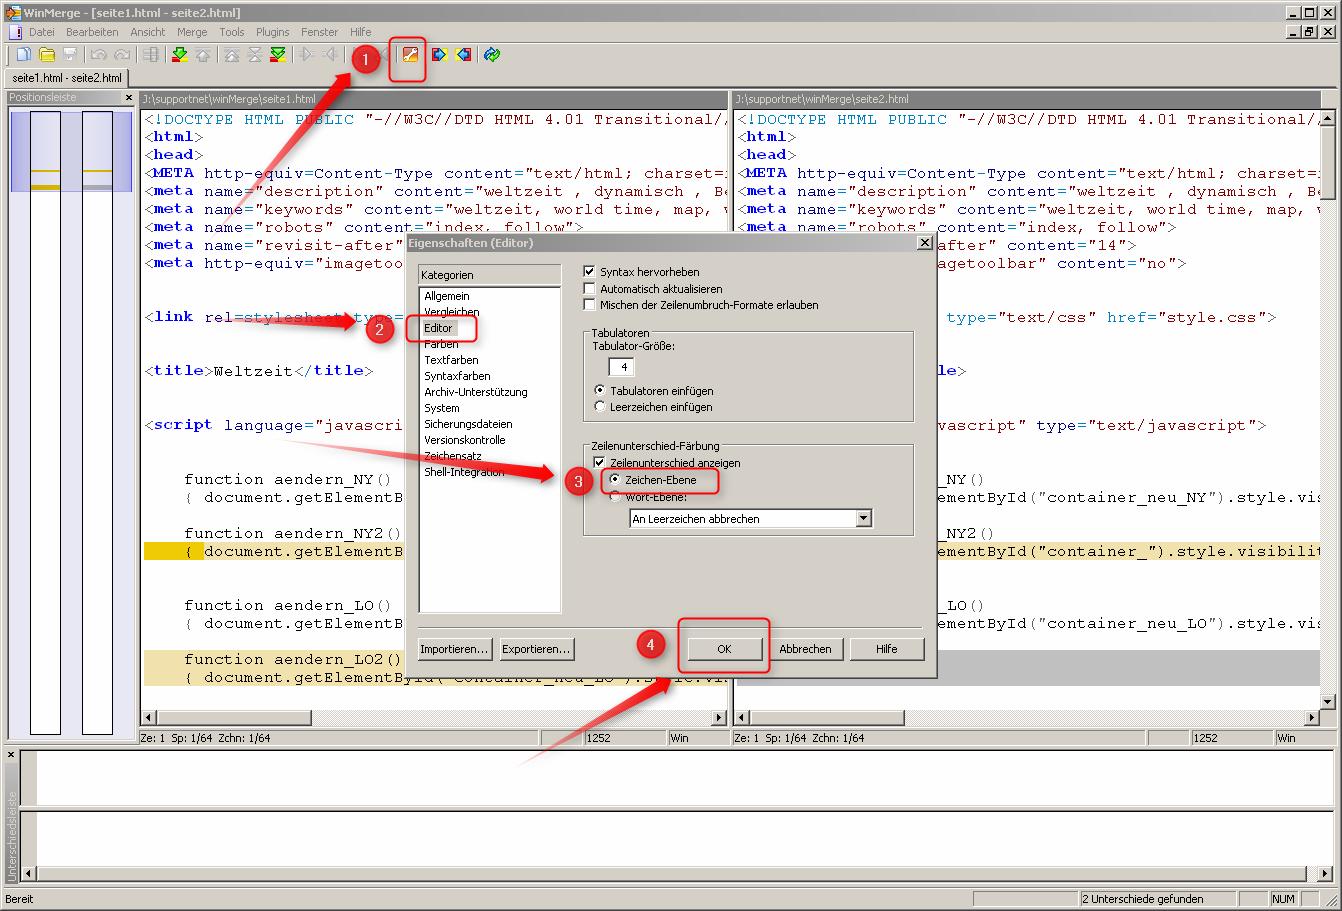 04-Textdateien-und-Ordner-vergleichen-mit-WinMerge-Dateien-Editor-anpassen-470.png